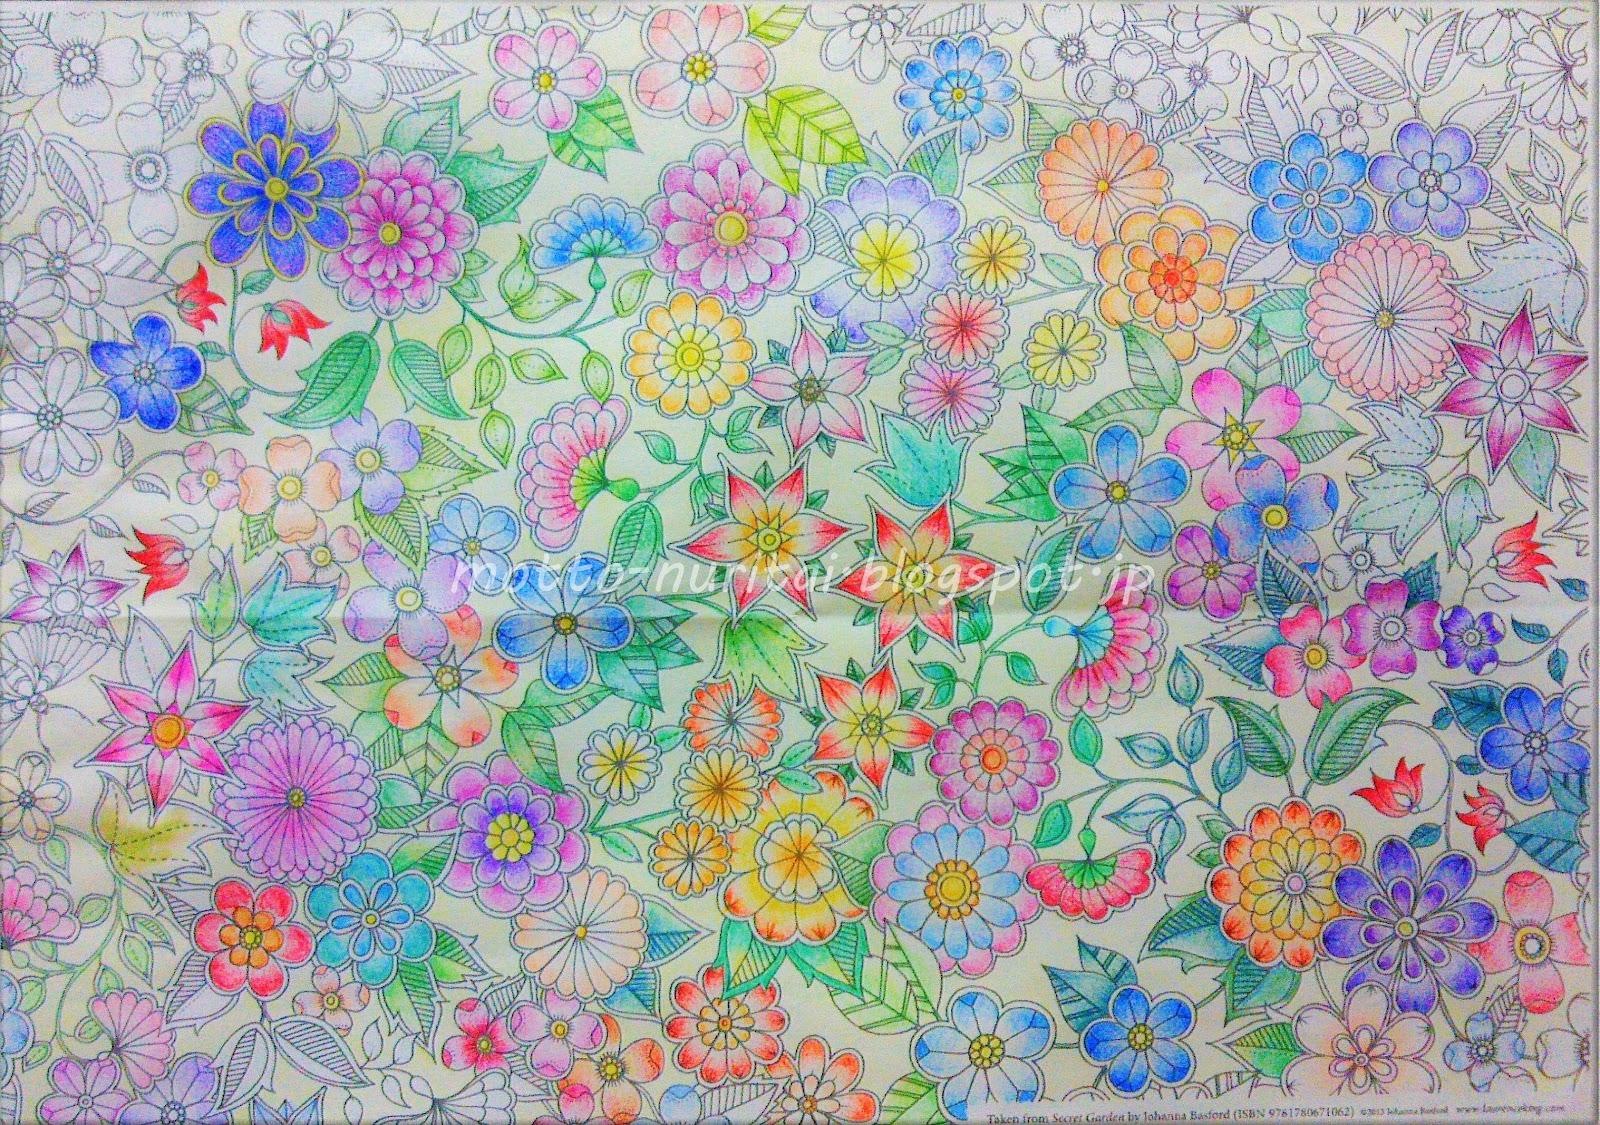 なかなか終わらないひみつの花園 もっと塗りたい大人の塗り絵ブログ